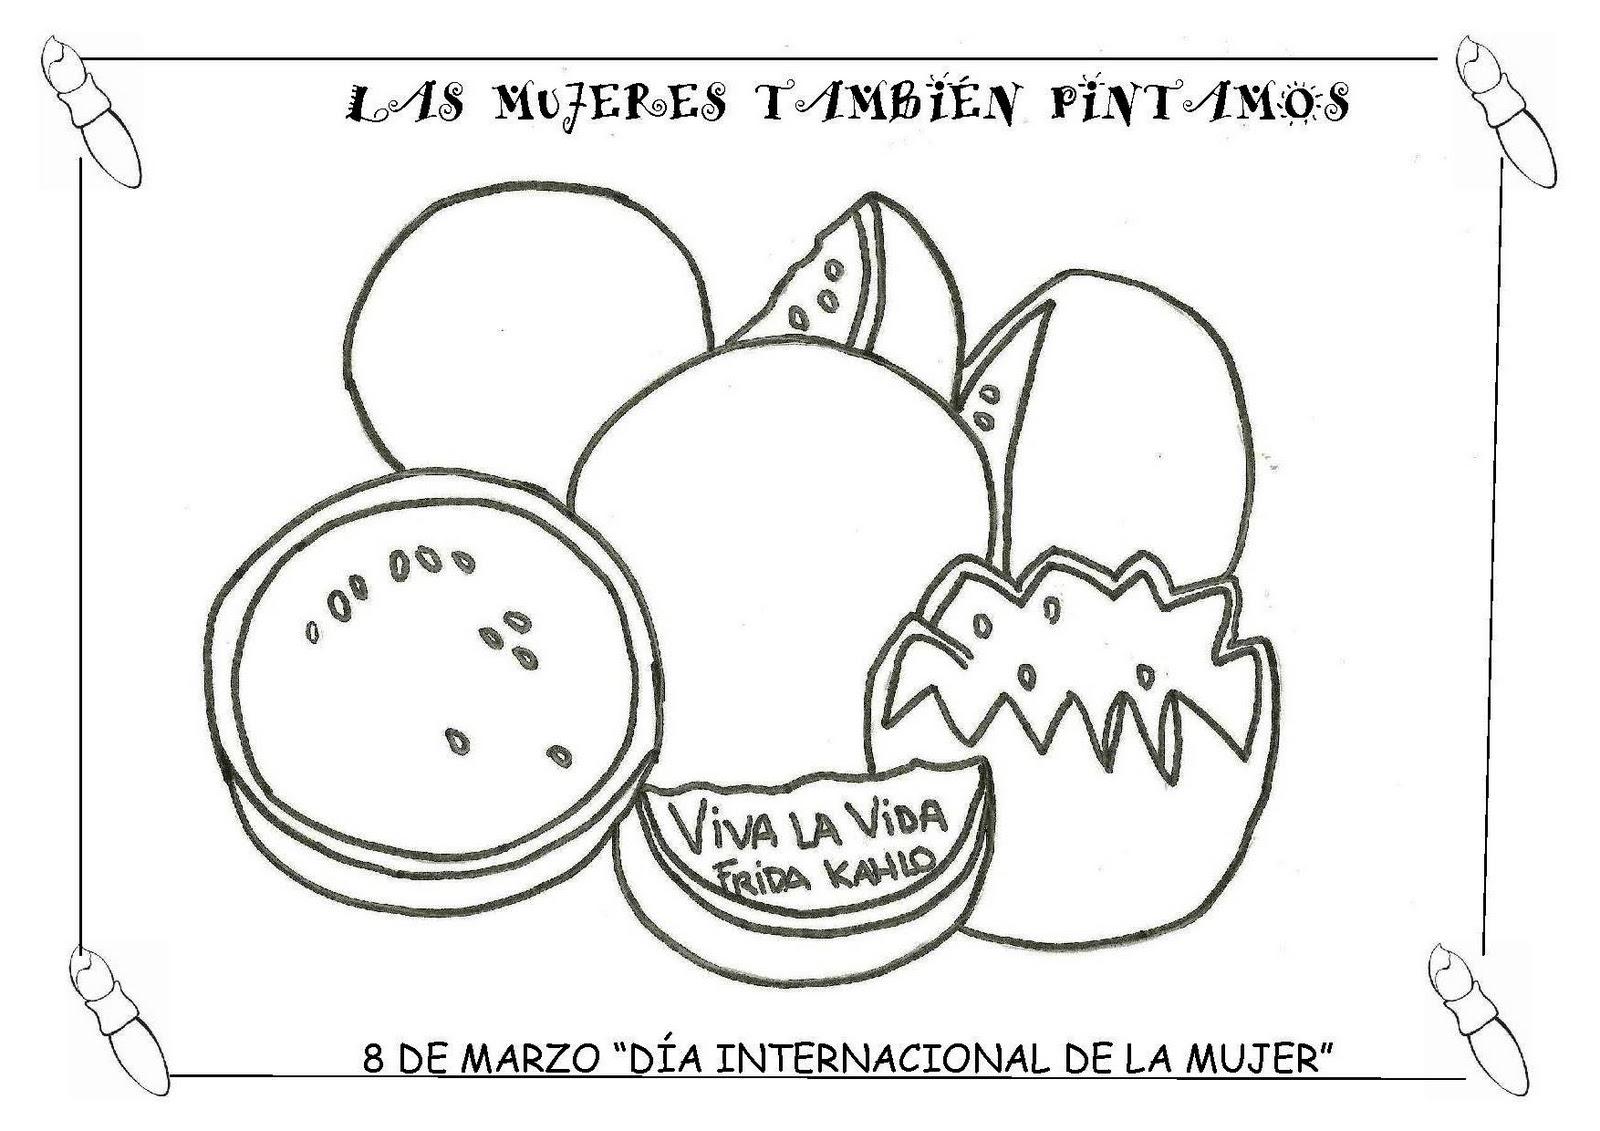 Imagenes De Frida Kahlom Para Colorear: A MÍ ME GUSTA EL COLE: Marzo 2011